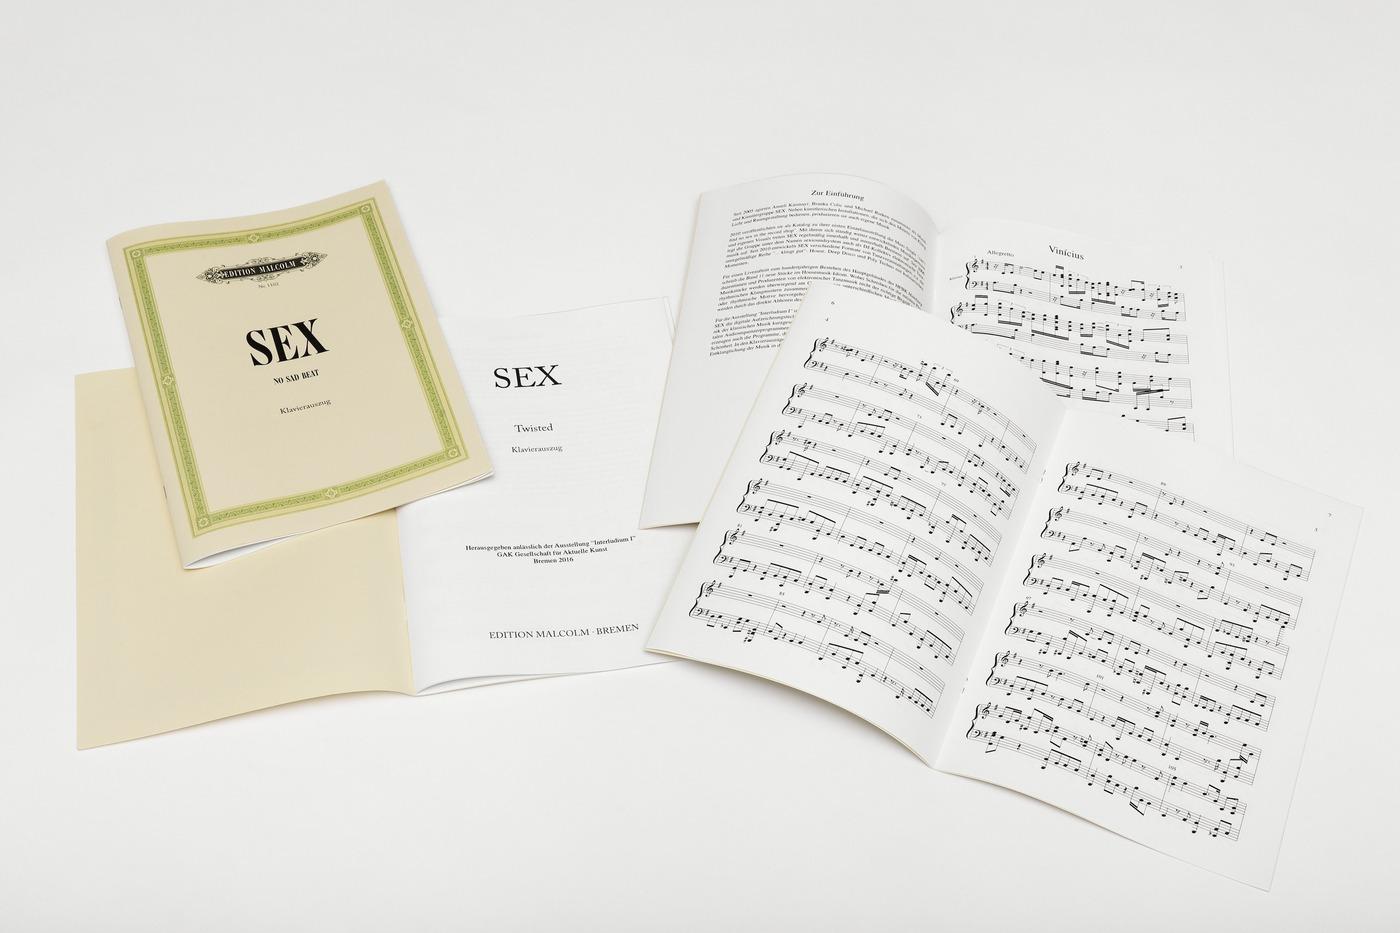 SEX-Klavierauszuege1